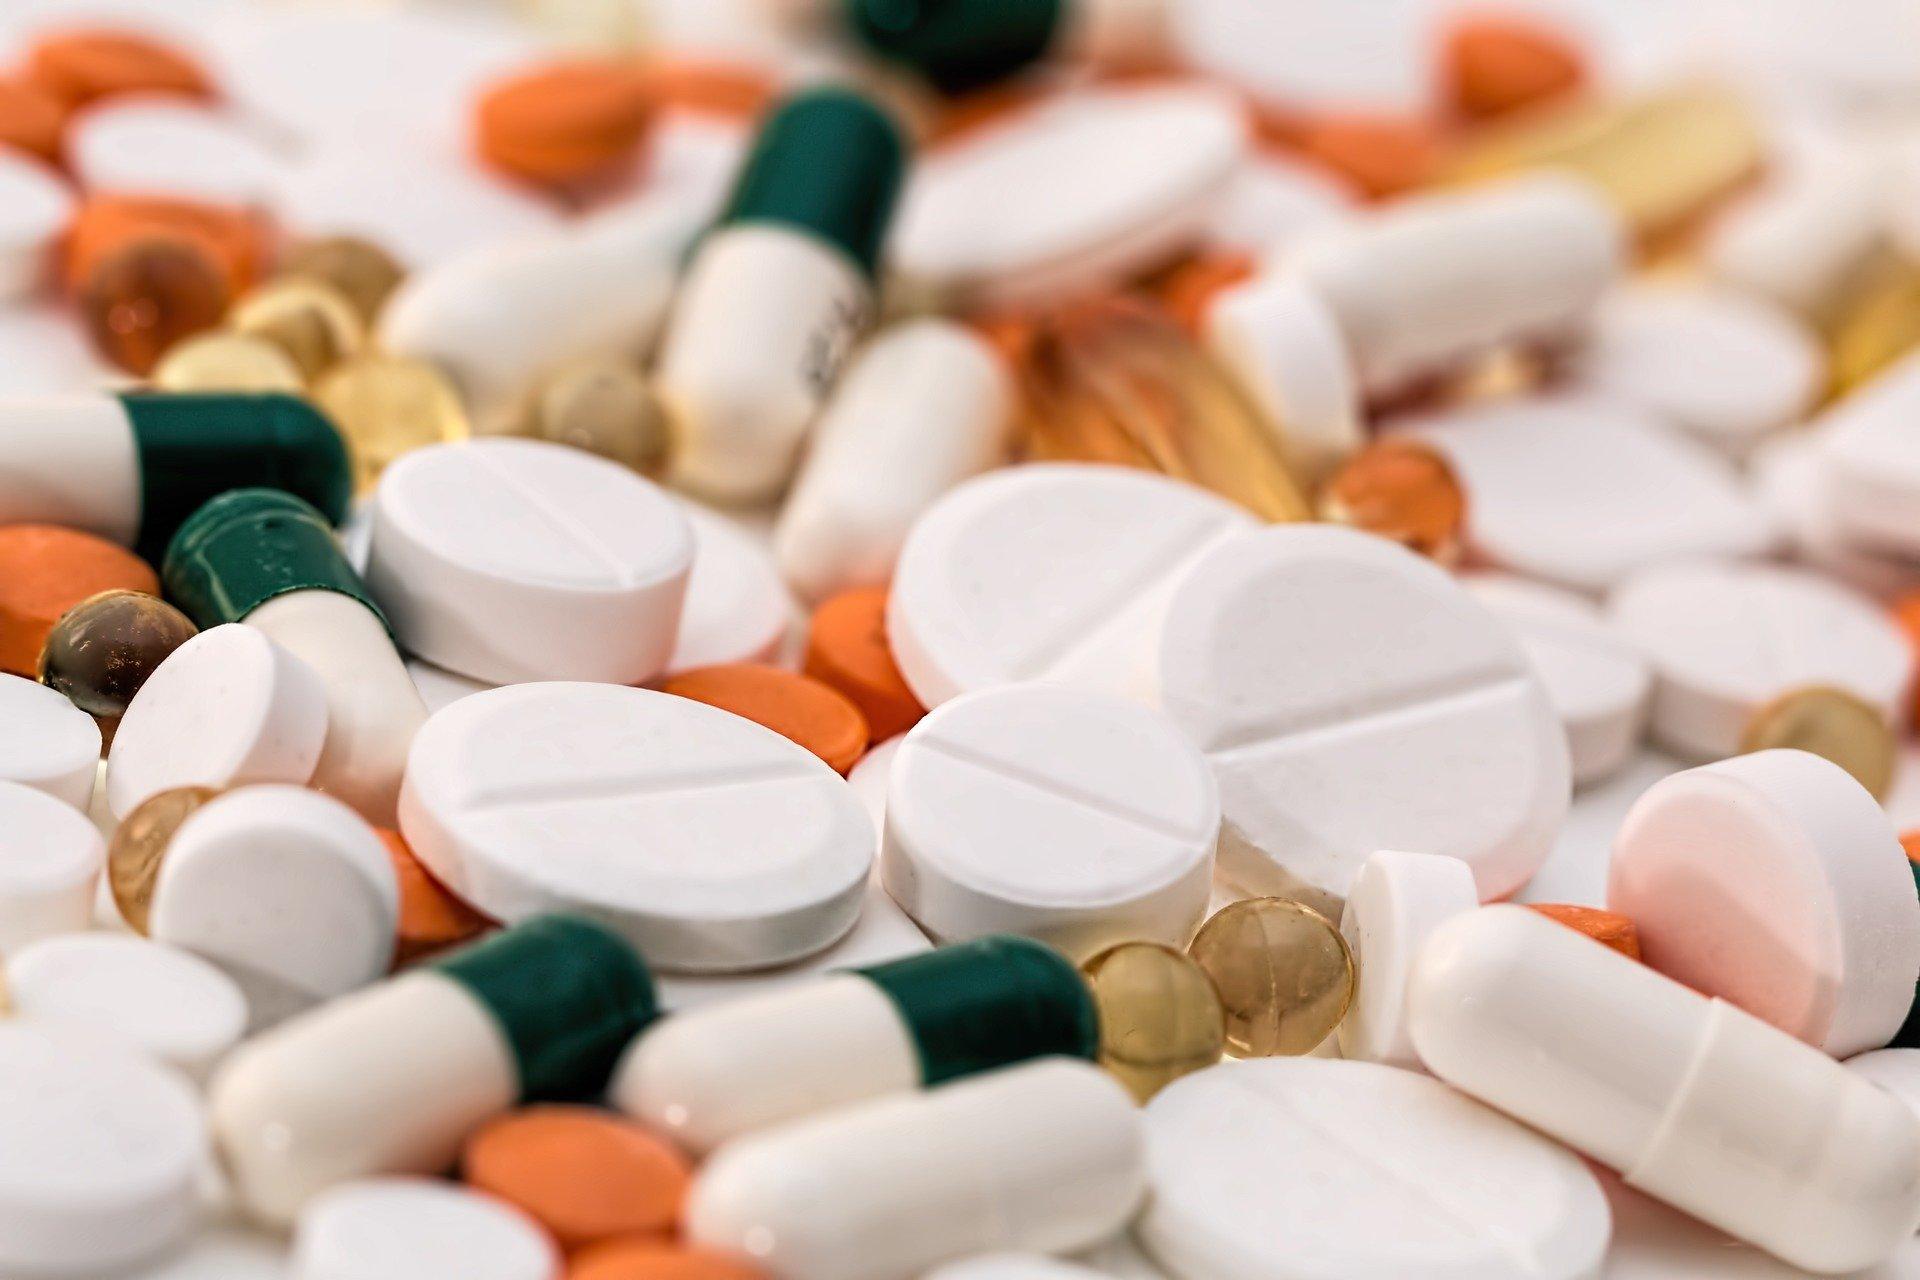 Cuidados Paliativos: benefícios, barreiras e desafios